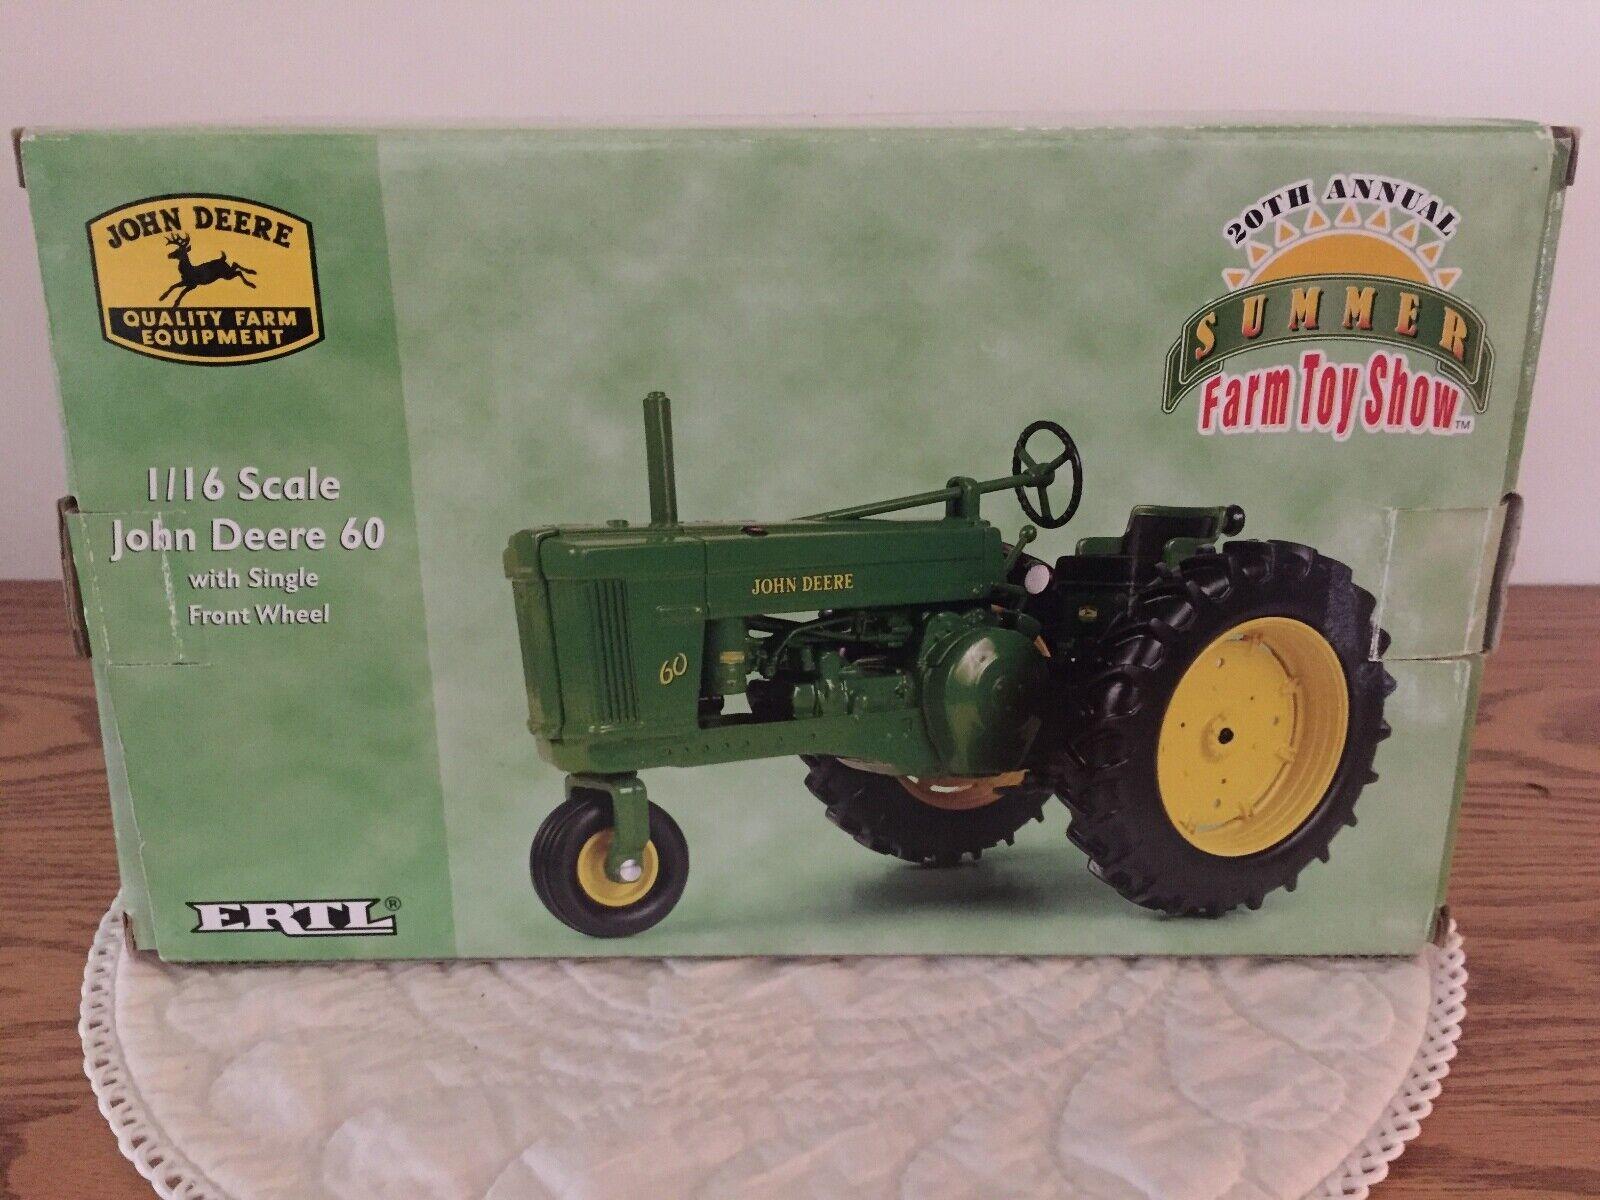 John Deere 60 Trattore 20th annuale estiva Fattoria giocattolo mostrare IN SCALA 116 NUOVO in scatola da ERTL